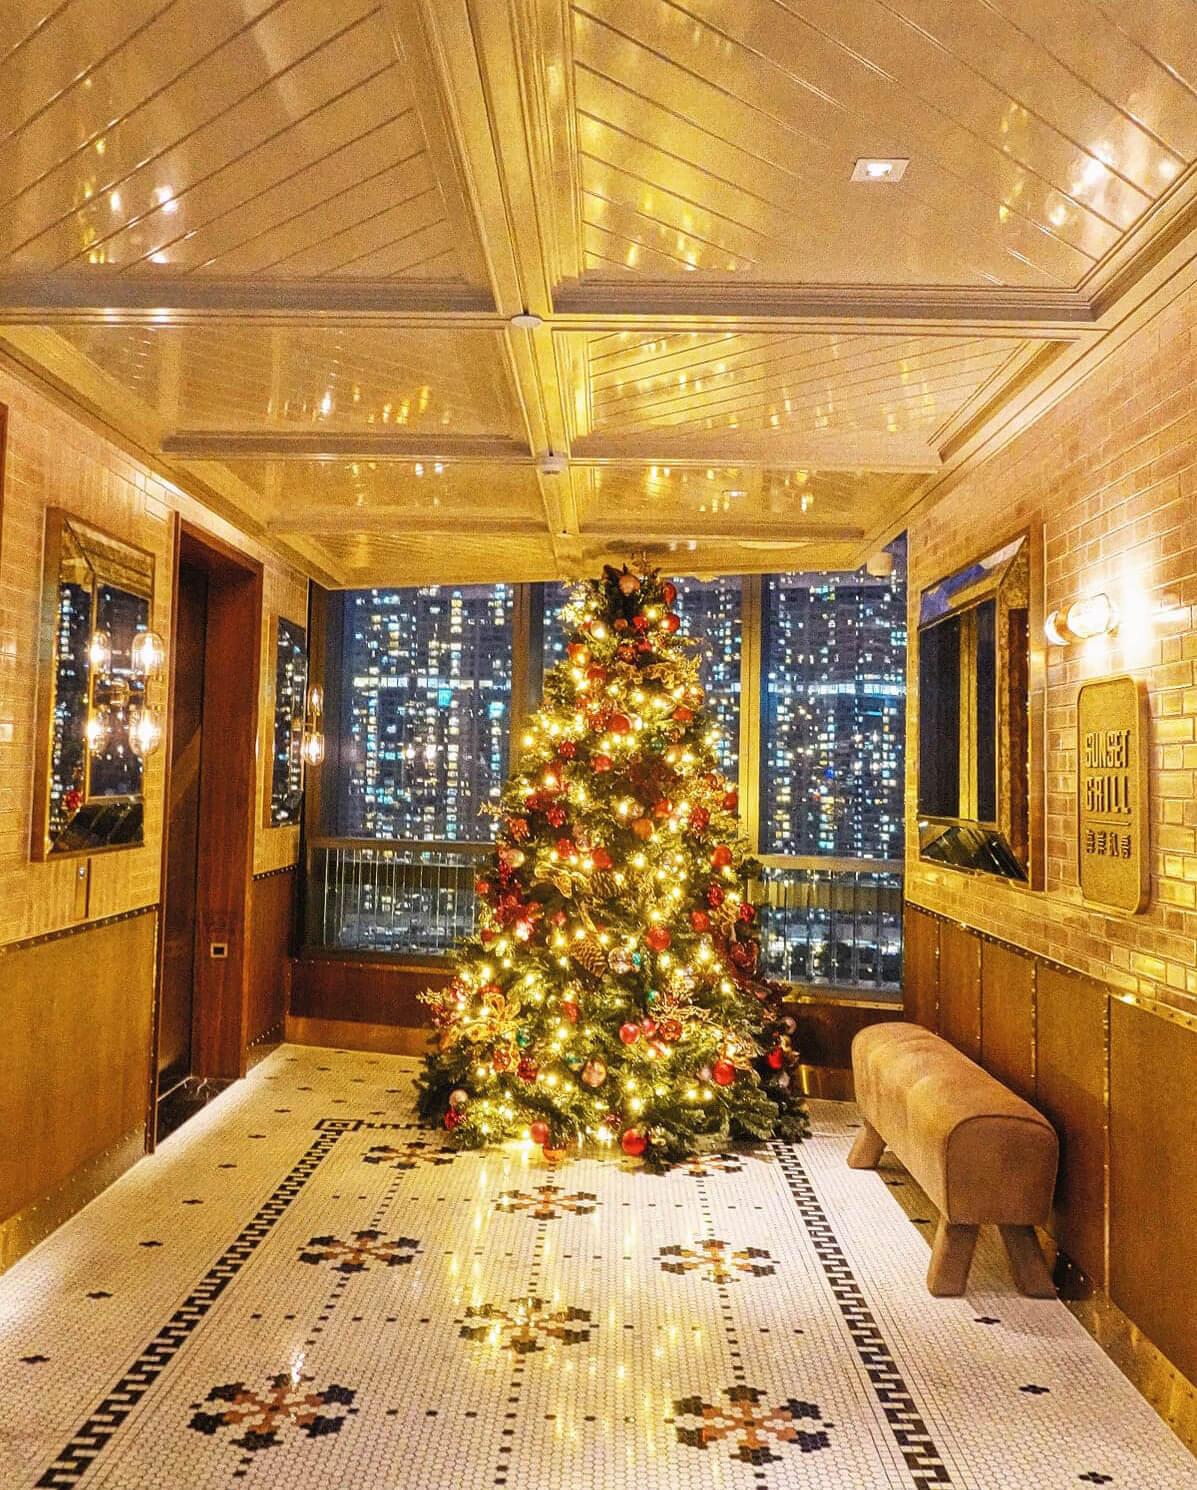 餐廳在12月1日開幕,現時已換上聖誕裝飾。